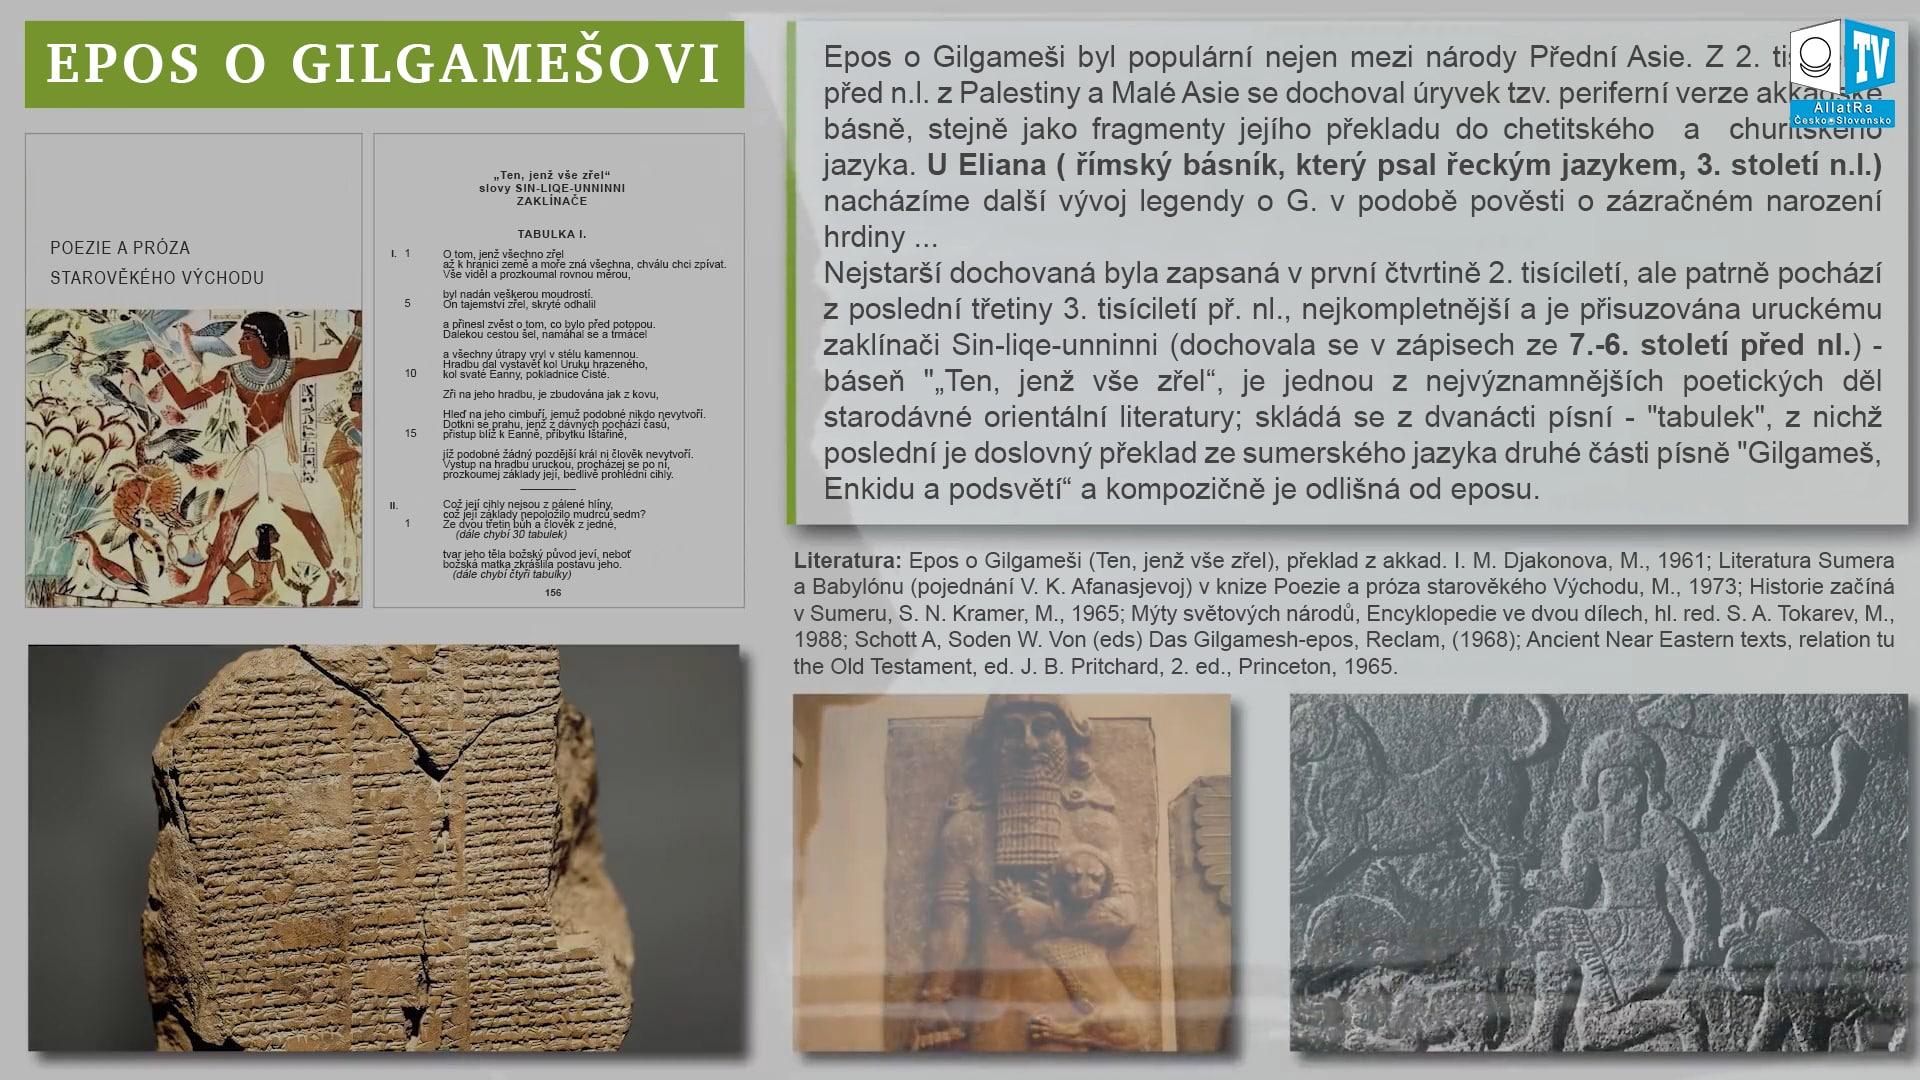 Epos o Gilgamešovi. Foto